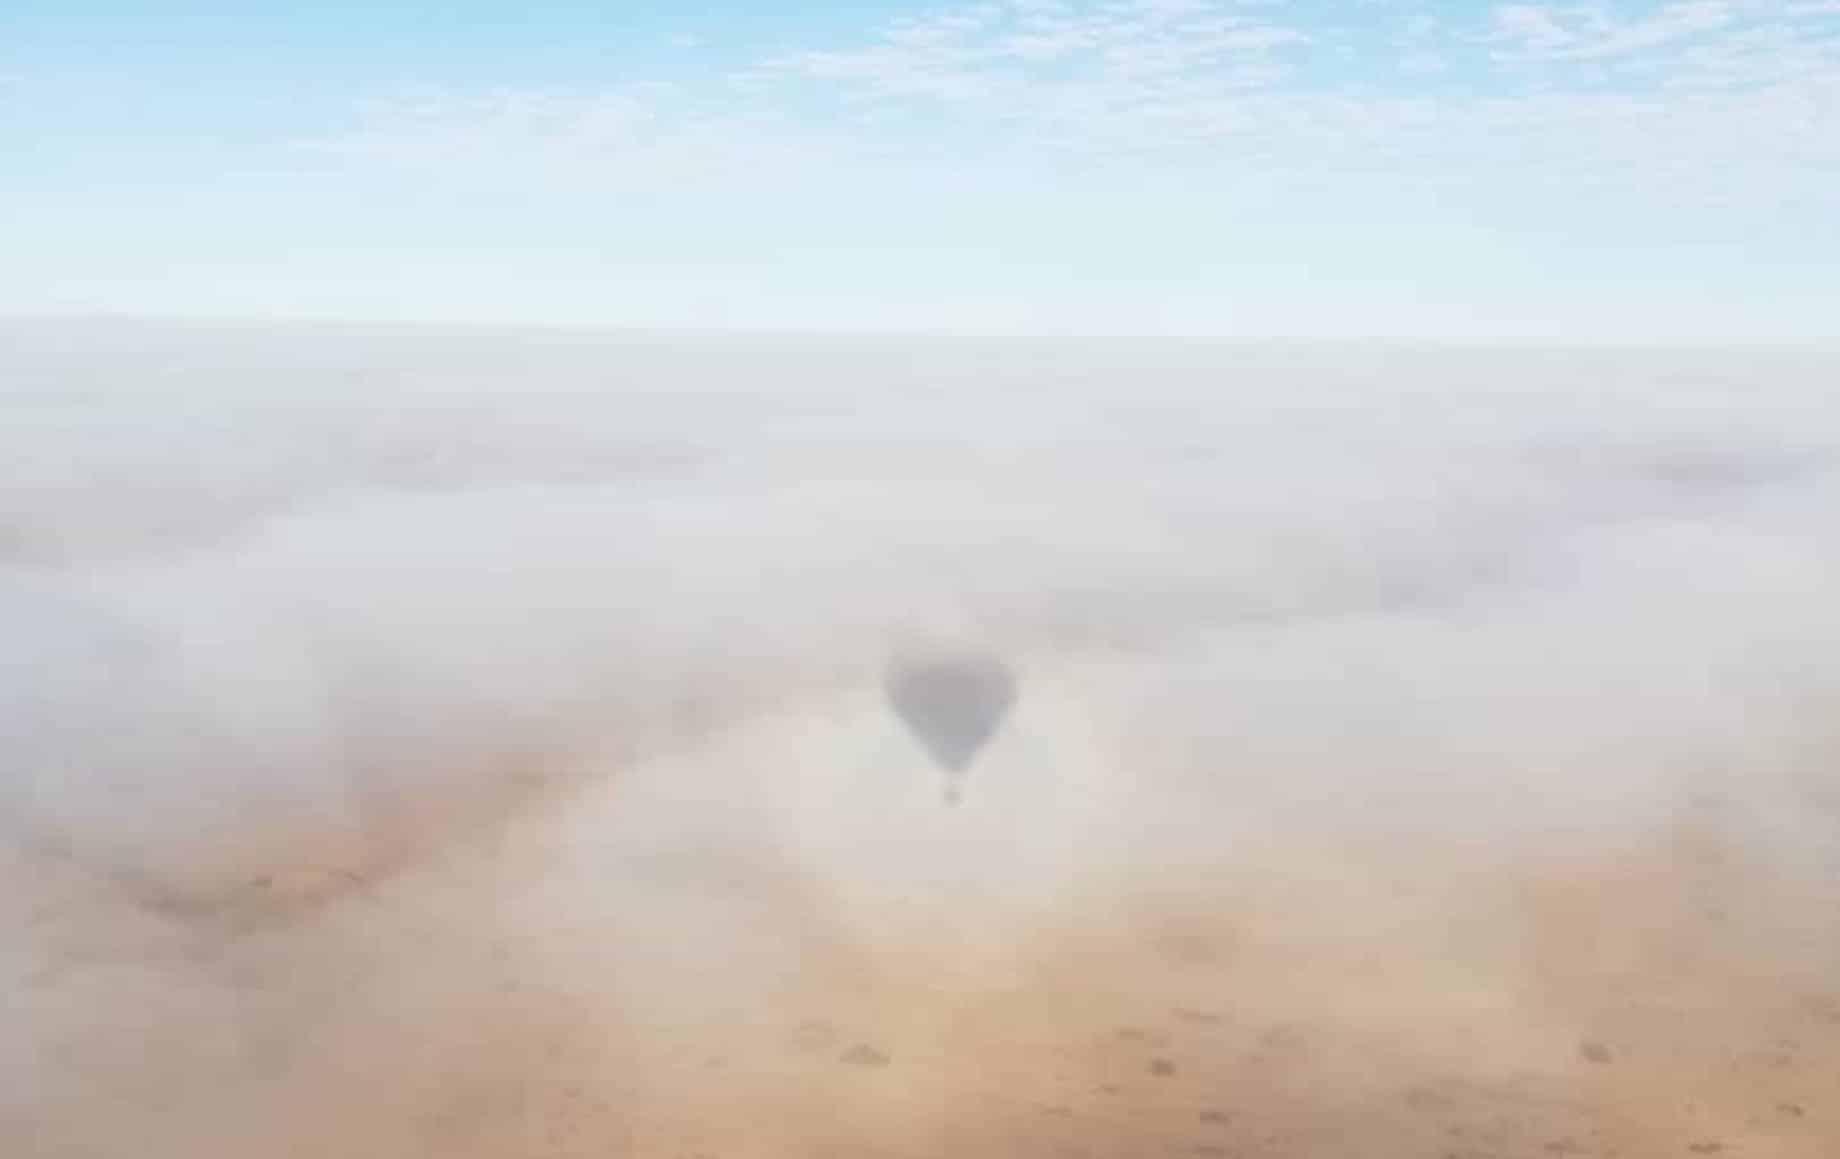 A hot air balloon in fog